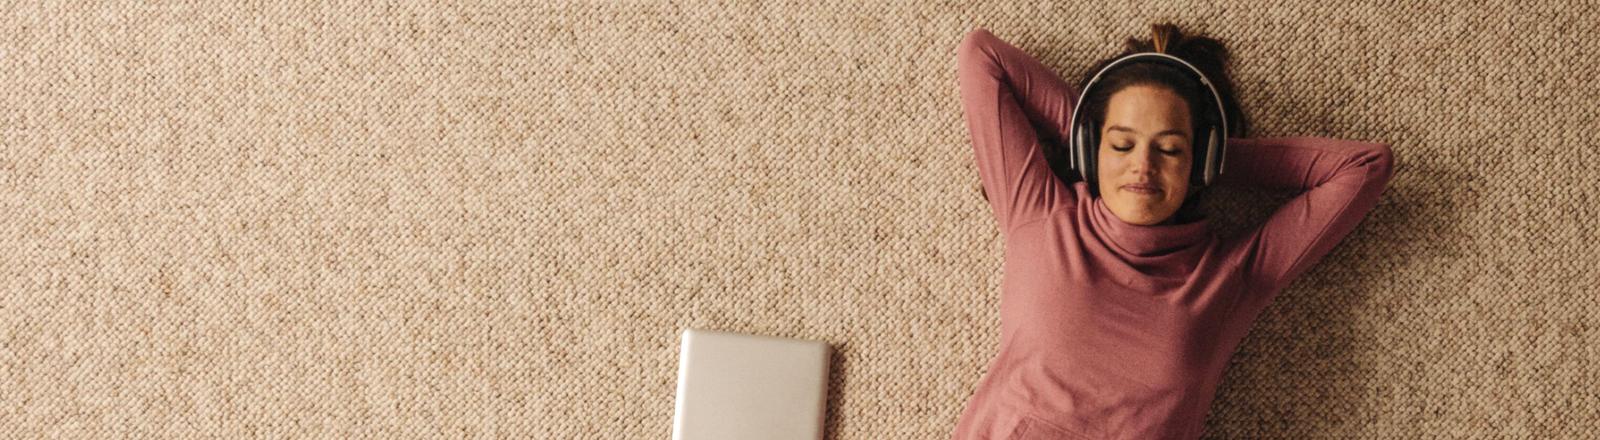 Frau liegt auf dem Teppich und hört über Kopfhörer Musik. Ihre Augen sind geschlossen.